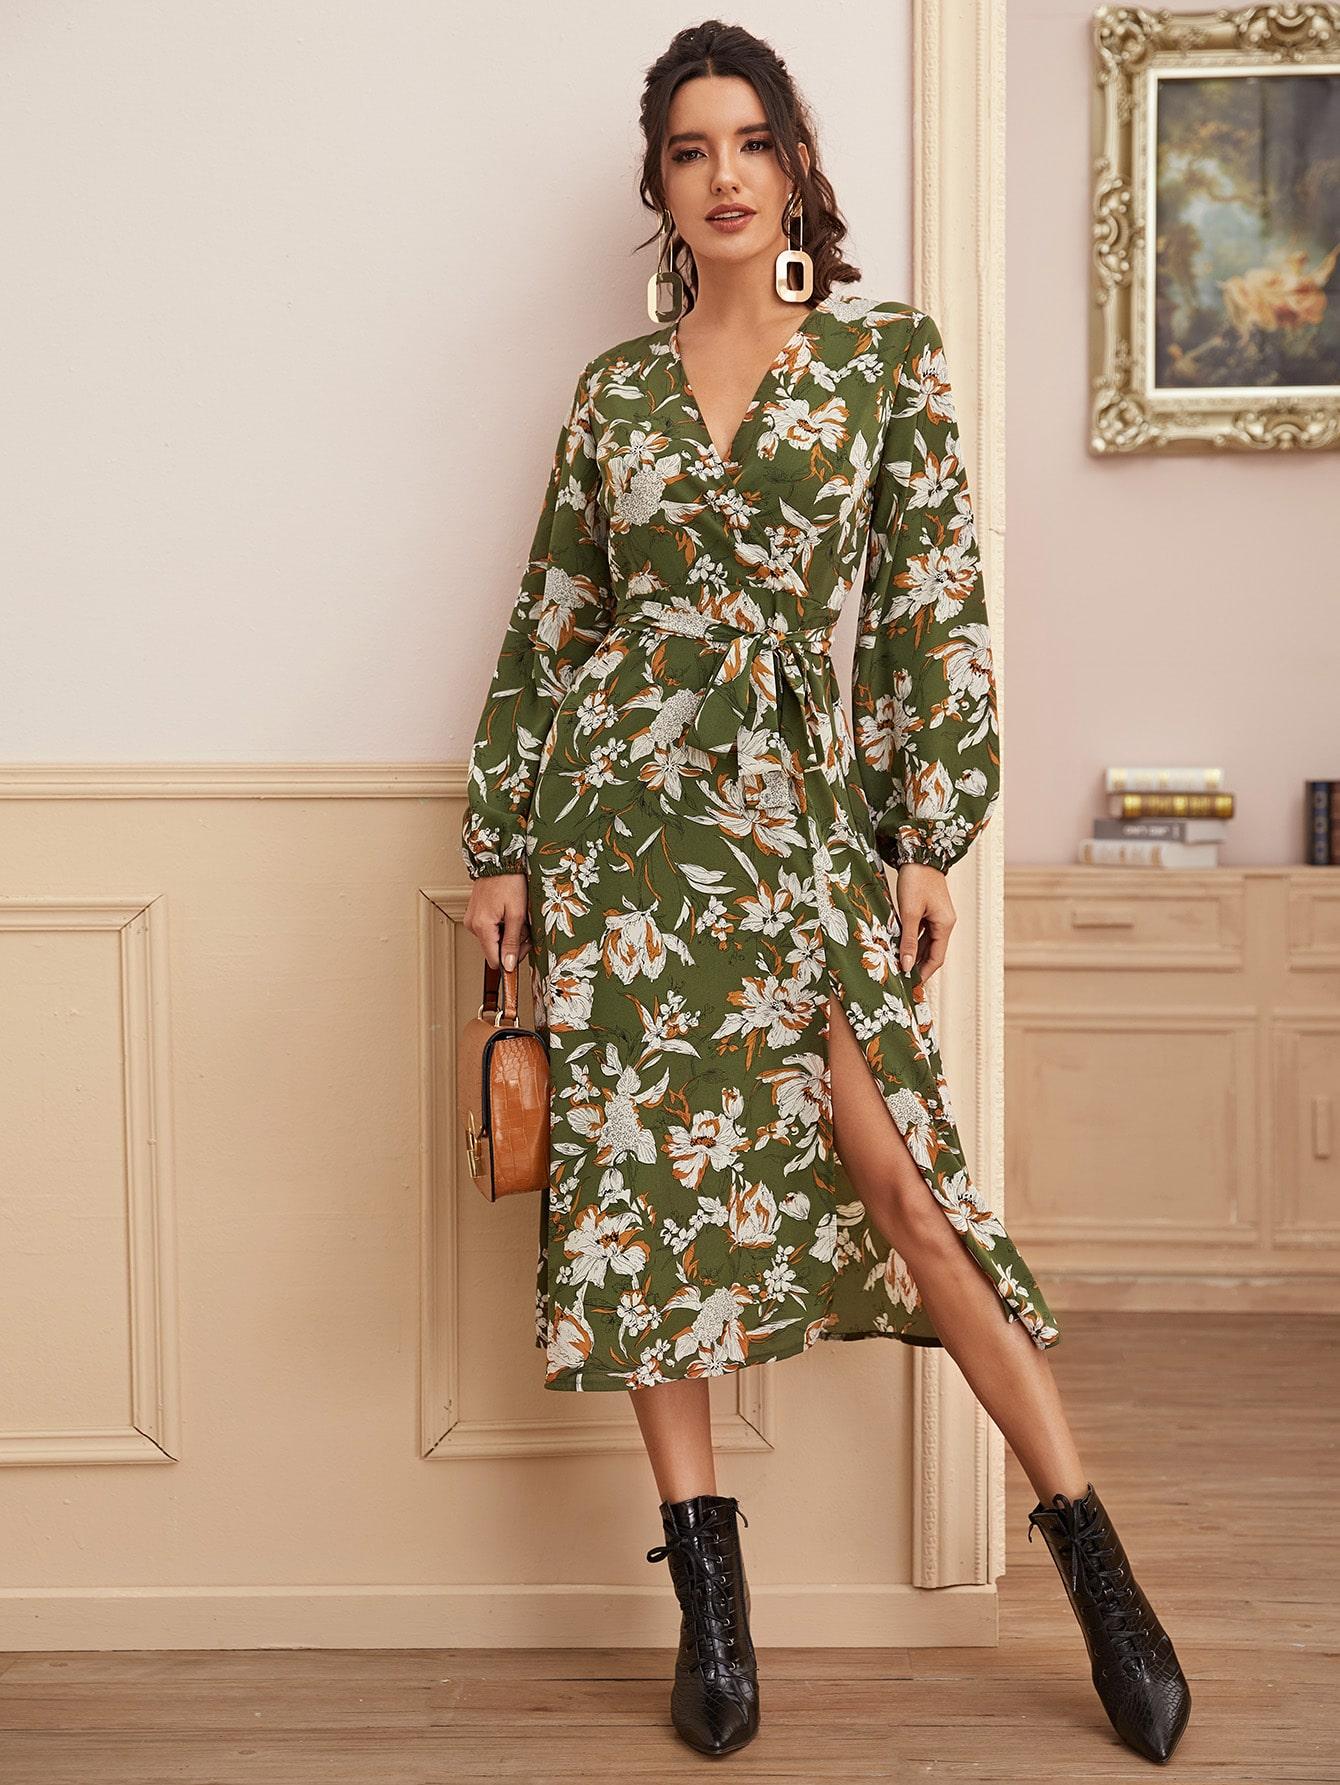 Платье с цветочным принтом, разрезом и поясом